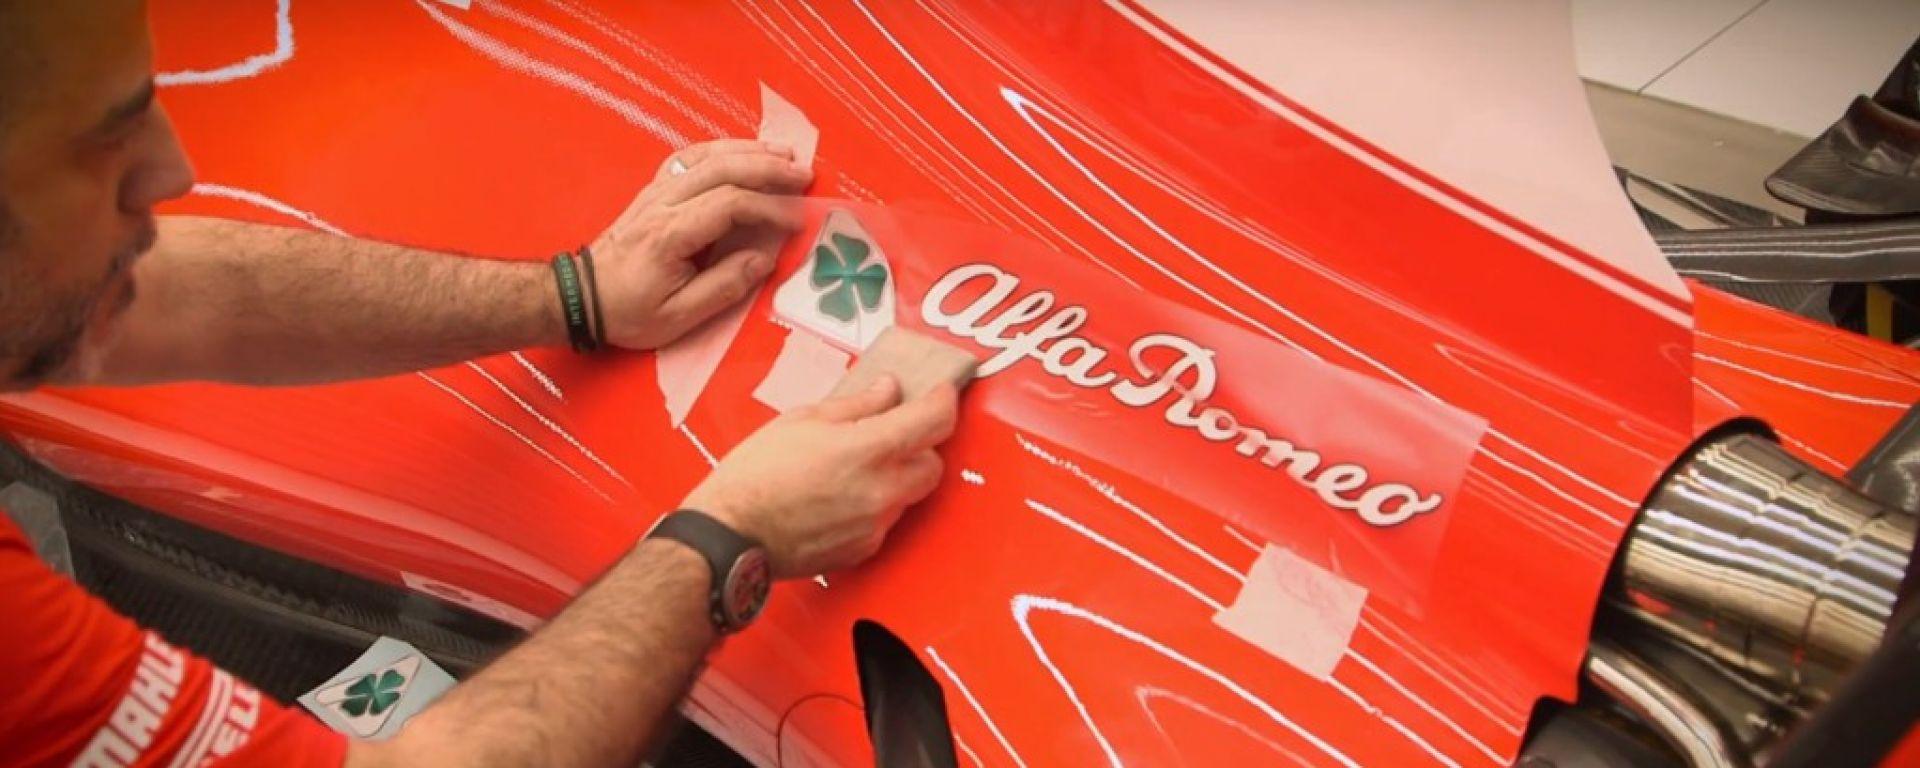 Alfa Romeo sponsor per Sauber con i piloti Ferrari nel 2018